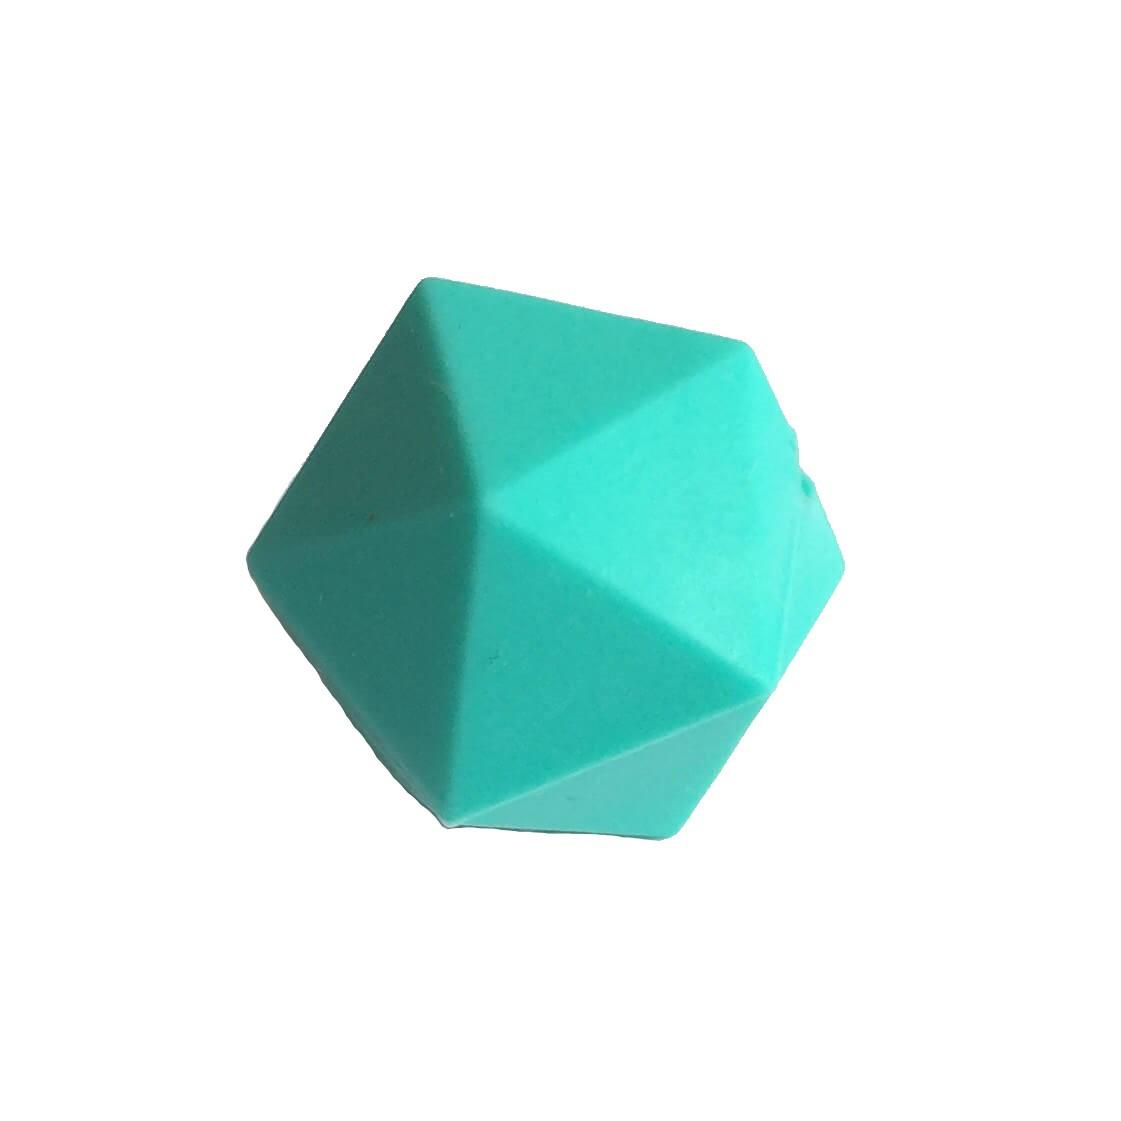 Икосаэдр 23мм  (бирюза) силиконовая бусина